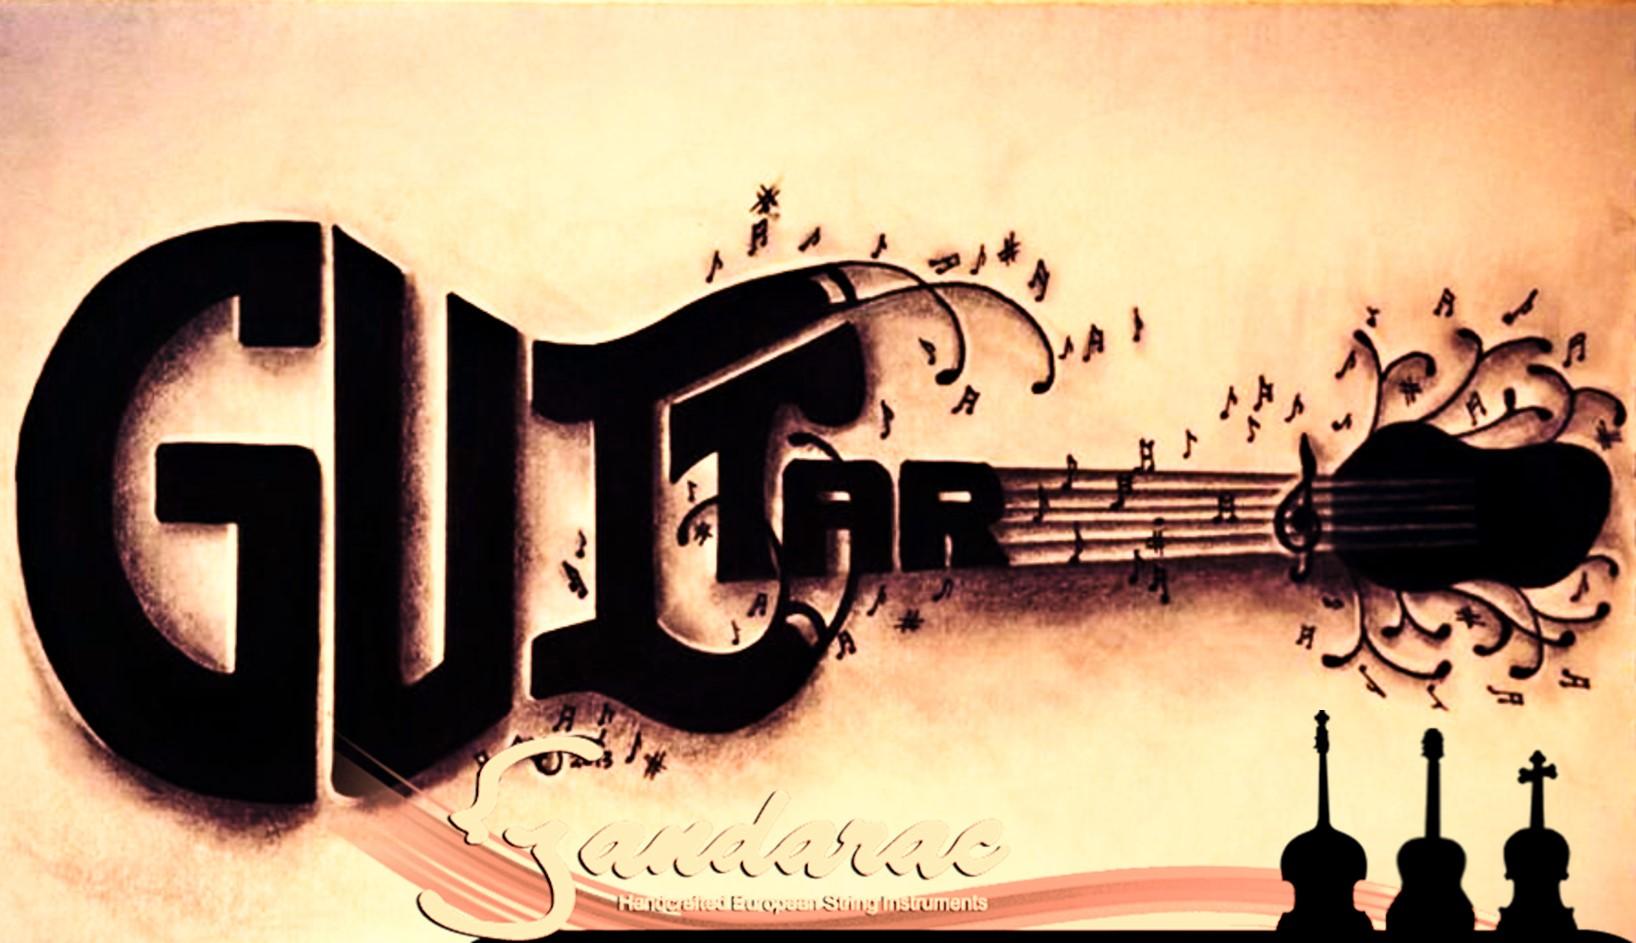 15 - guitar word